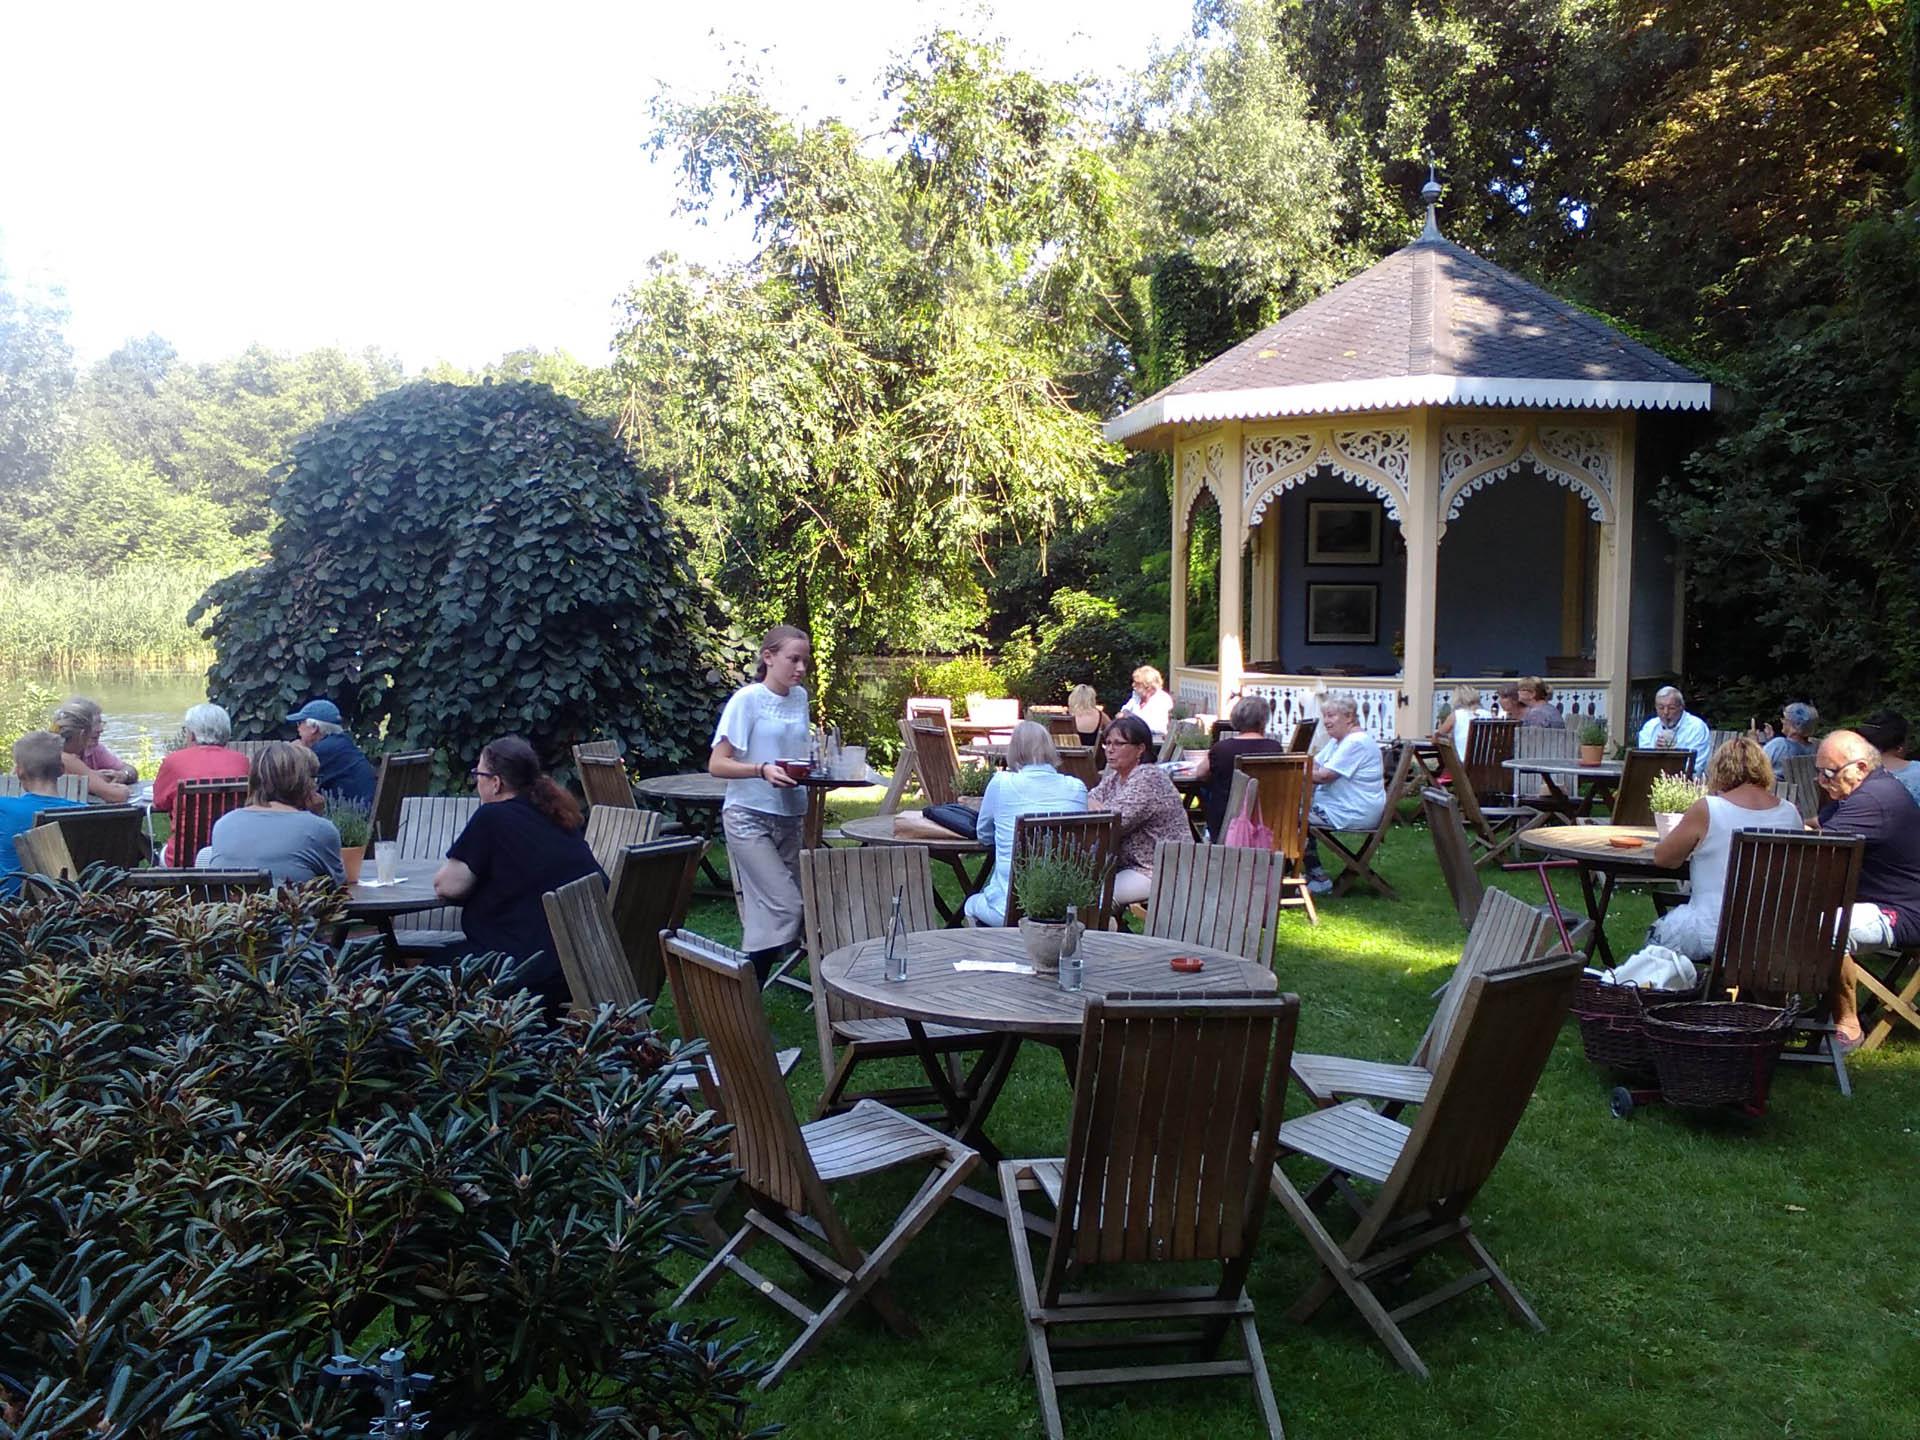 Gartenpavillon und Sitzplätze im Sommer